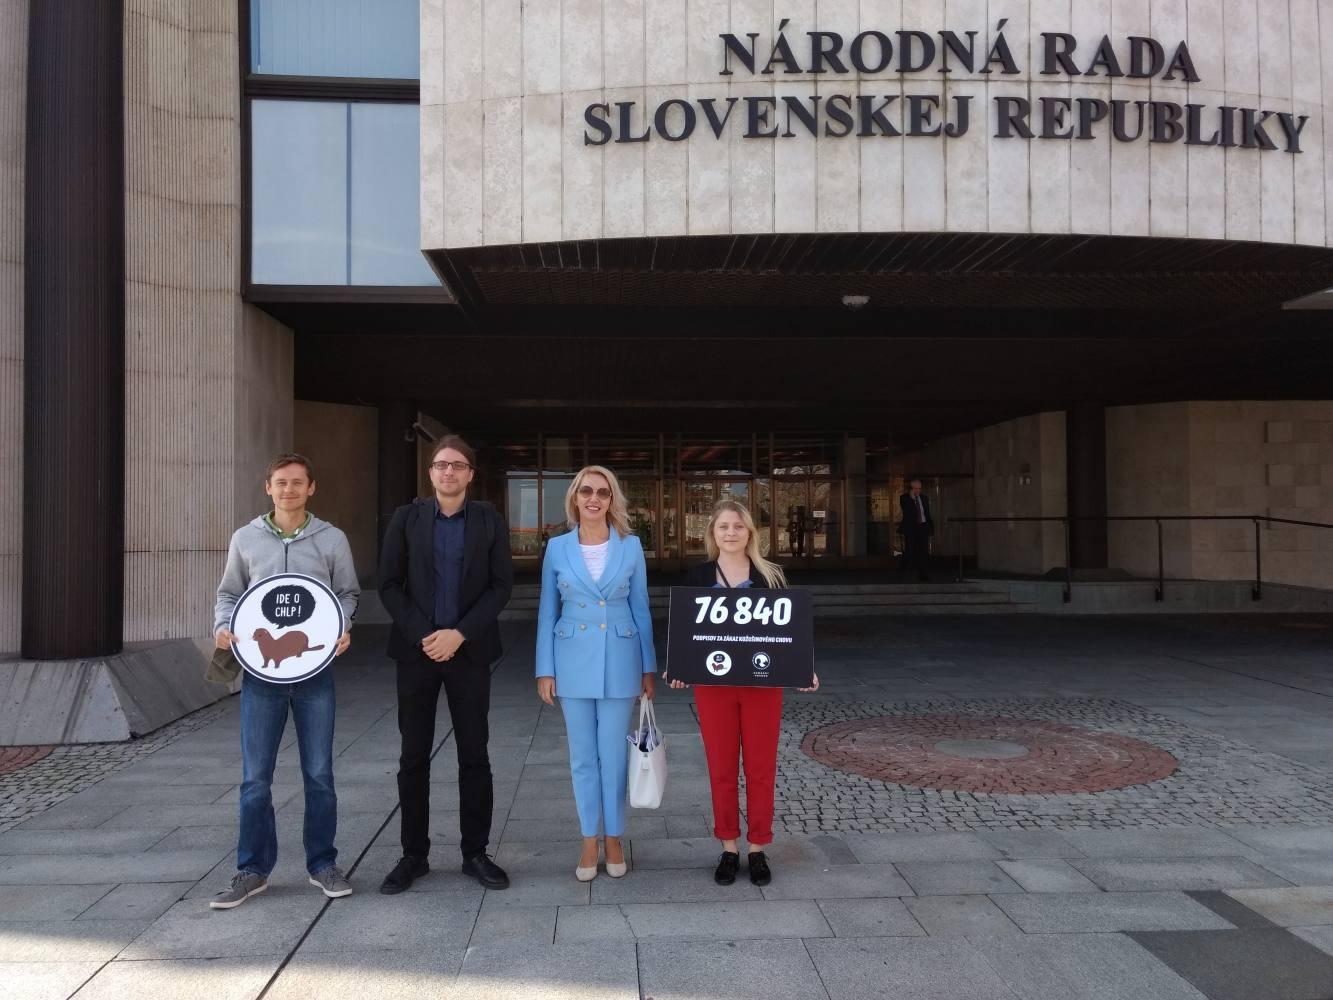 Odovzdanie petície Národnej rade SR. FOTO: Humánny pokrok